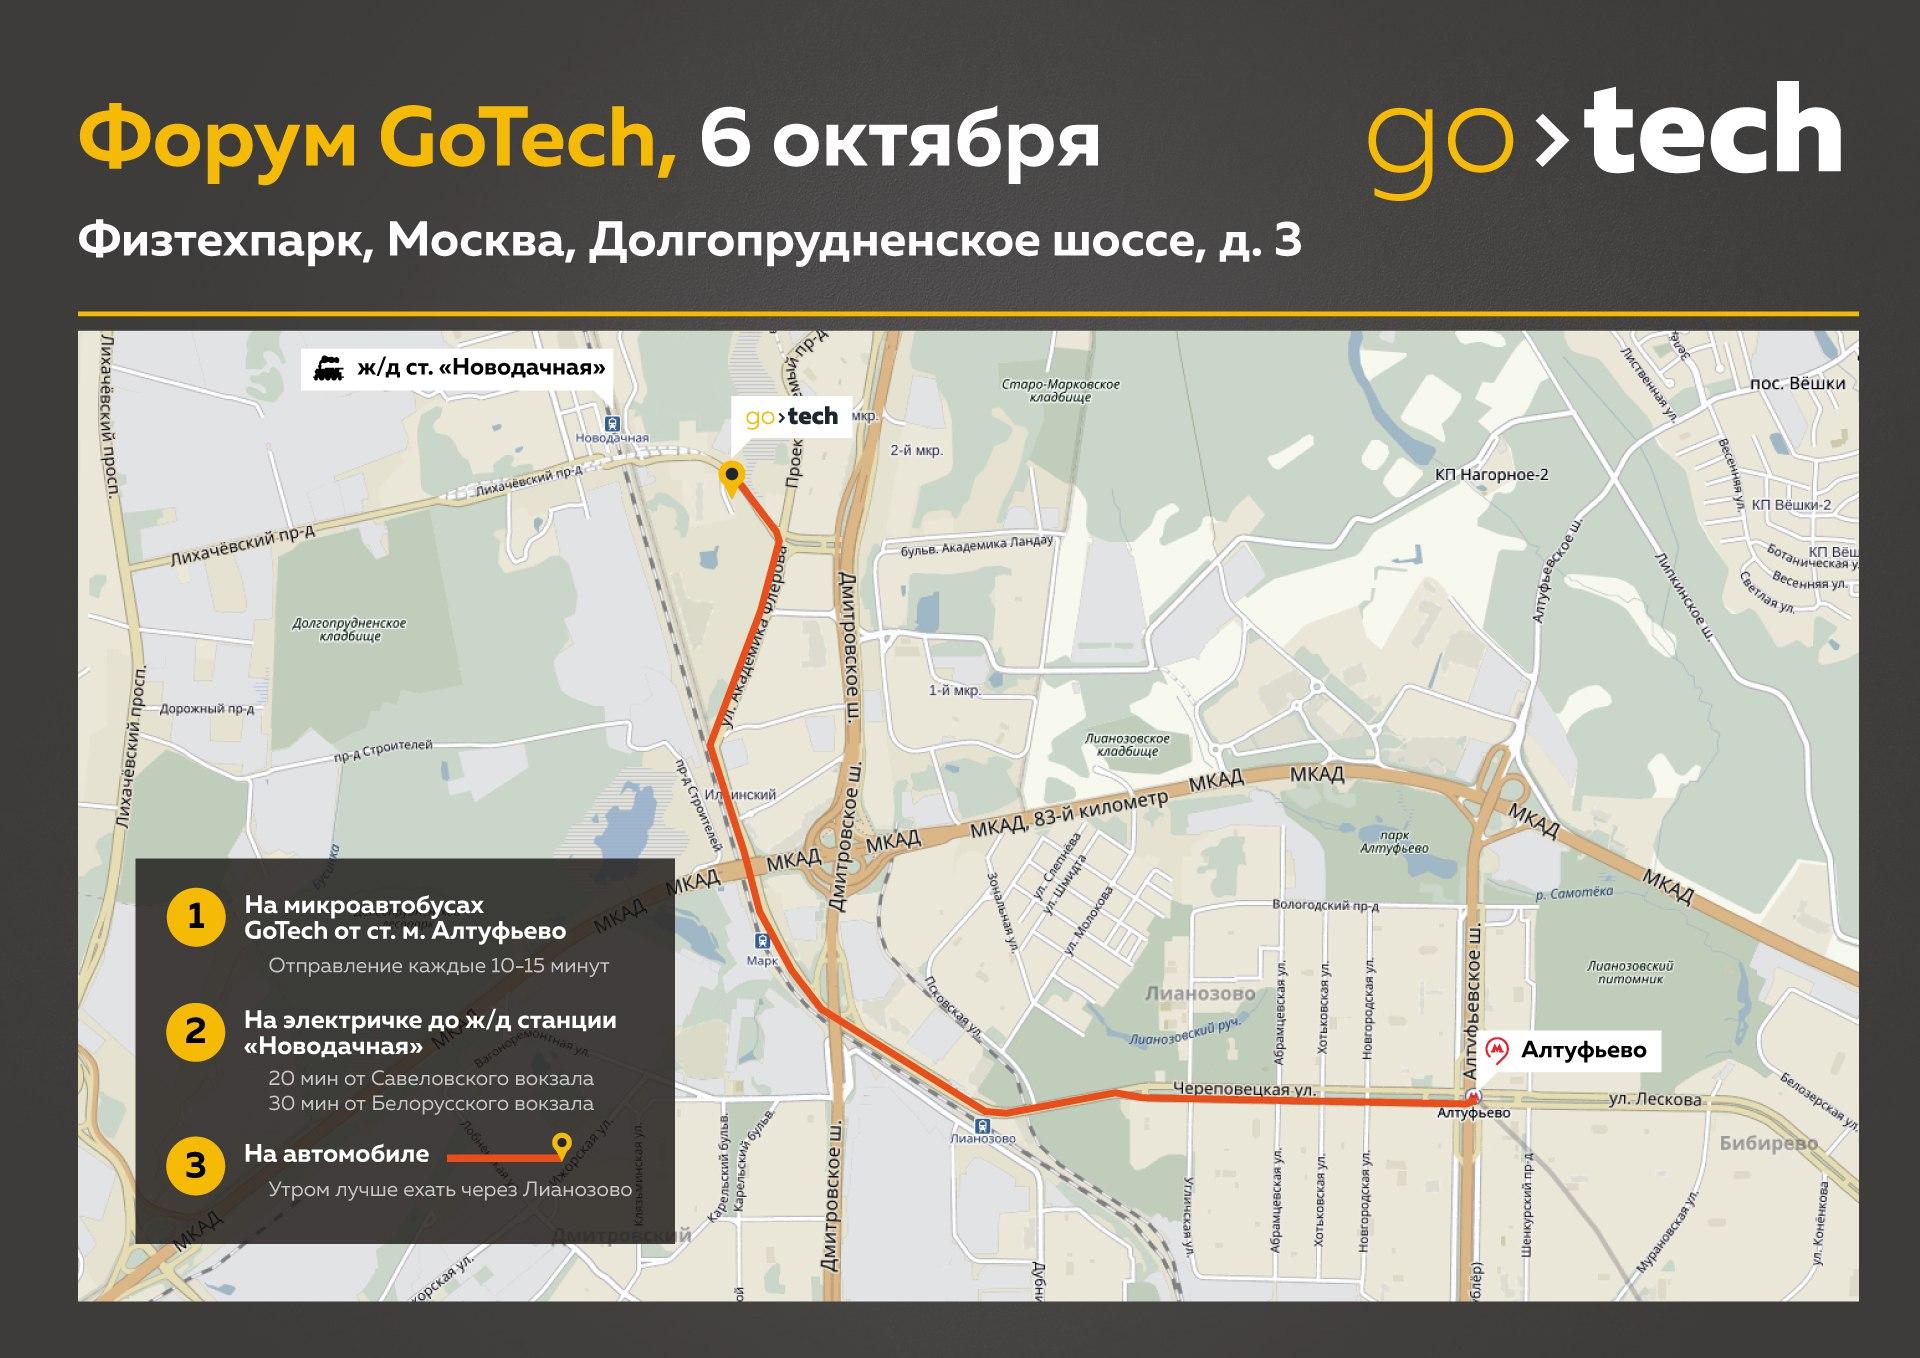 Форум GoTech стартует уже завтра